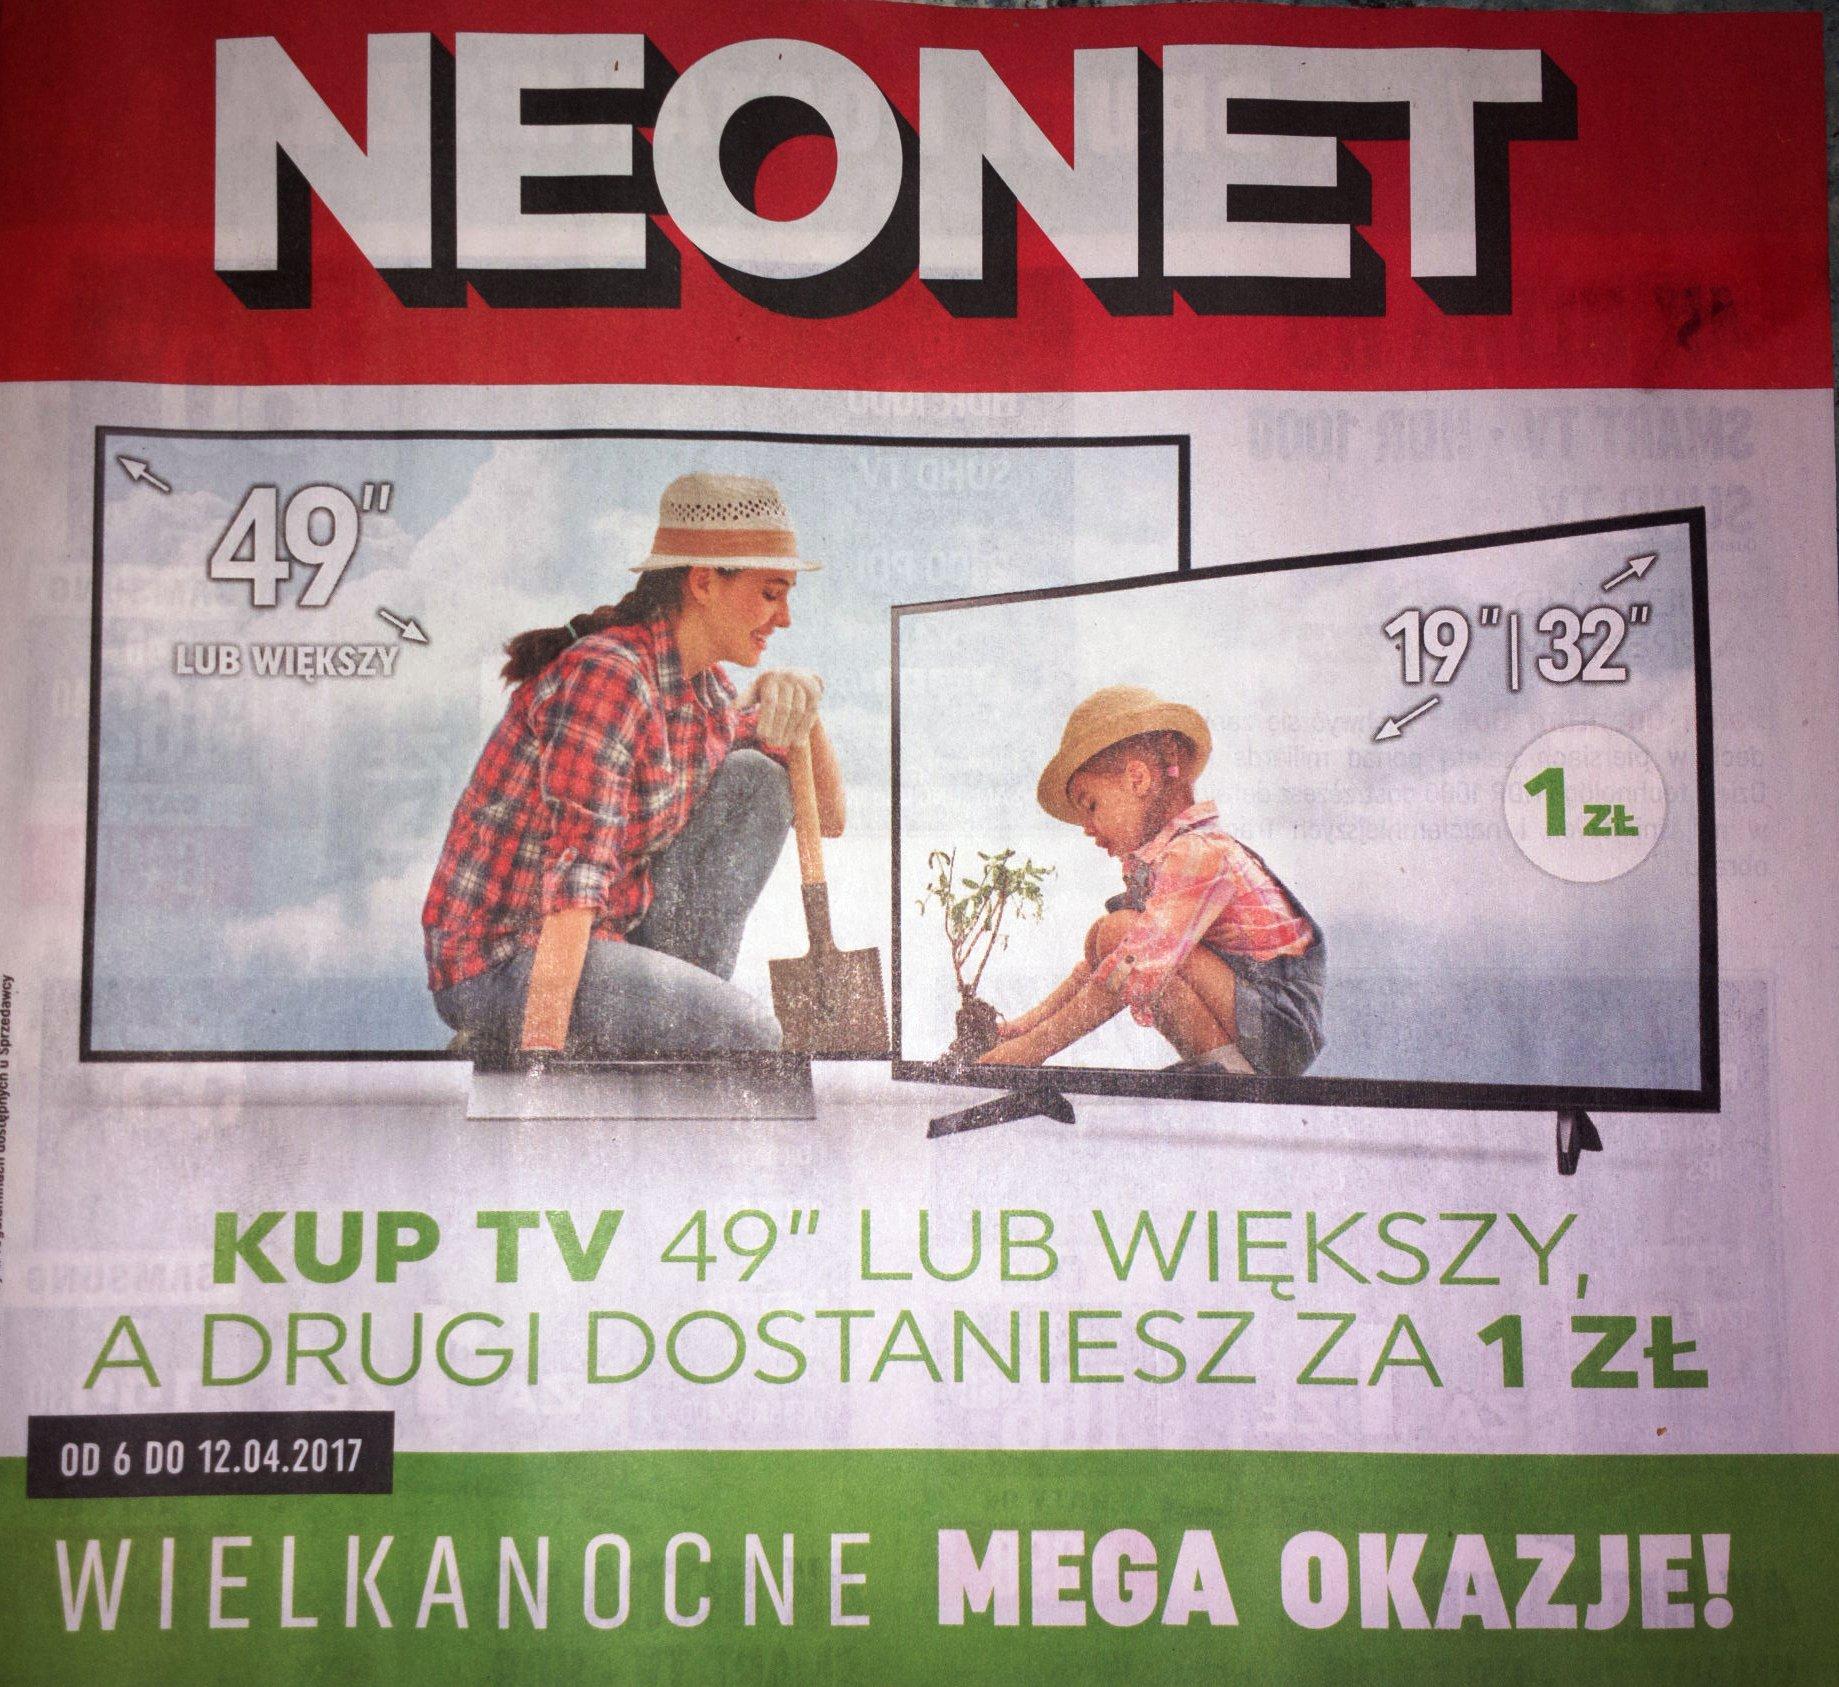 """Kup TV 49 cali, drugi o przekątnej 19-32"""" za 1 zł."""